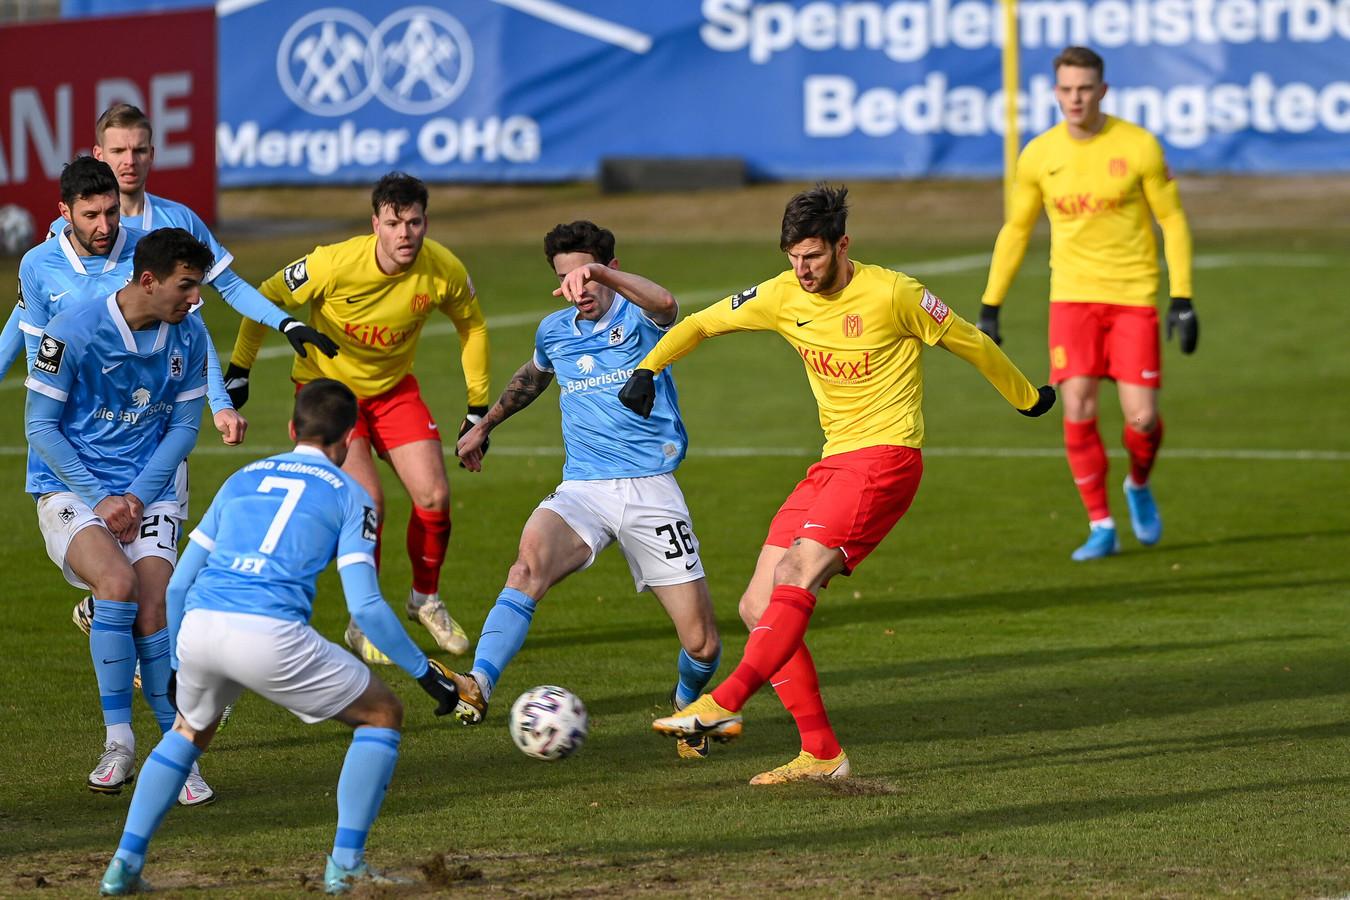 Tom Boere (de meest linkse speler in het geel-rood) ziet ploegmaat Dejan Bozic doeltreffend uithalen voor de 1-1 van SV Meppen tegen TSV 1860 München.